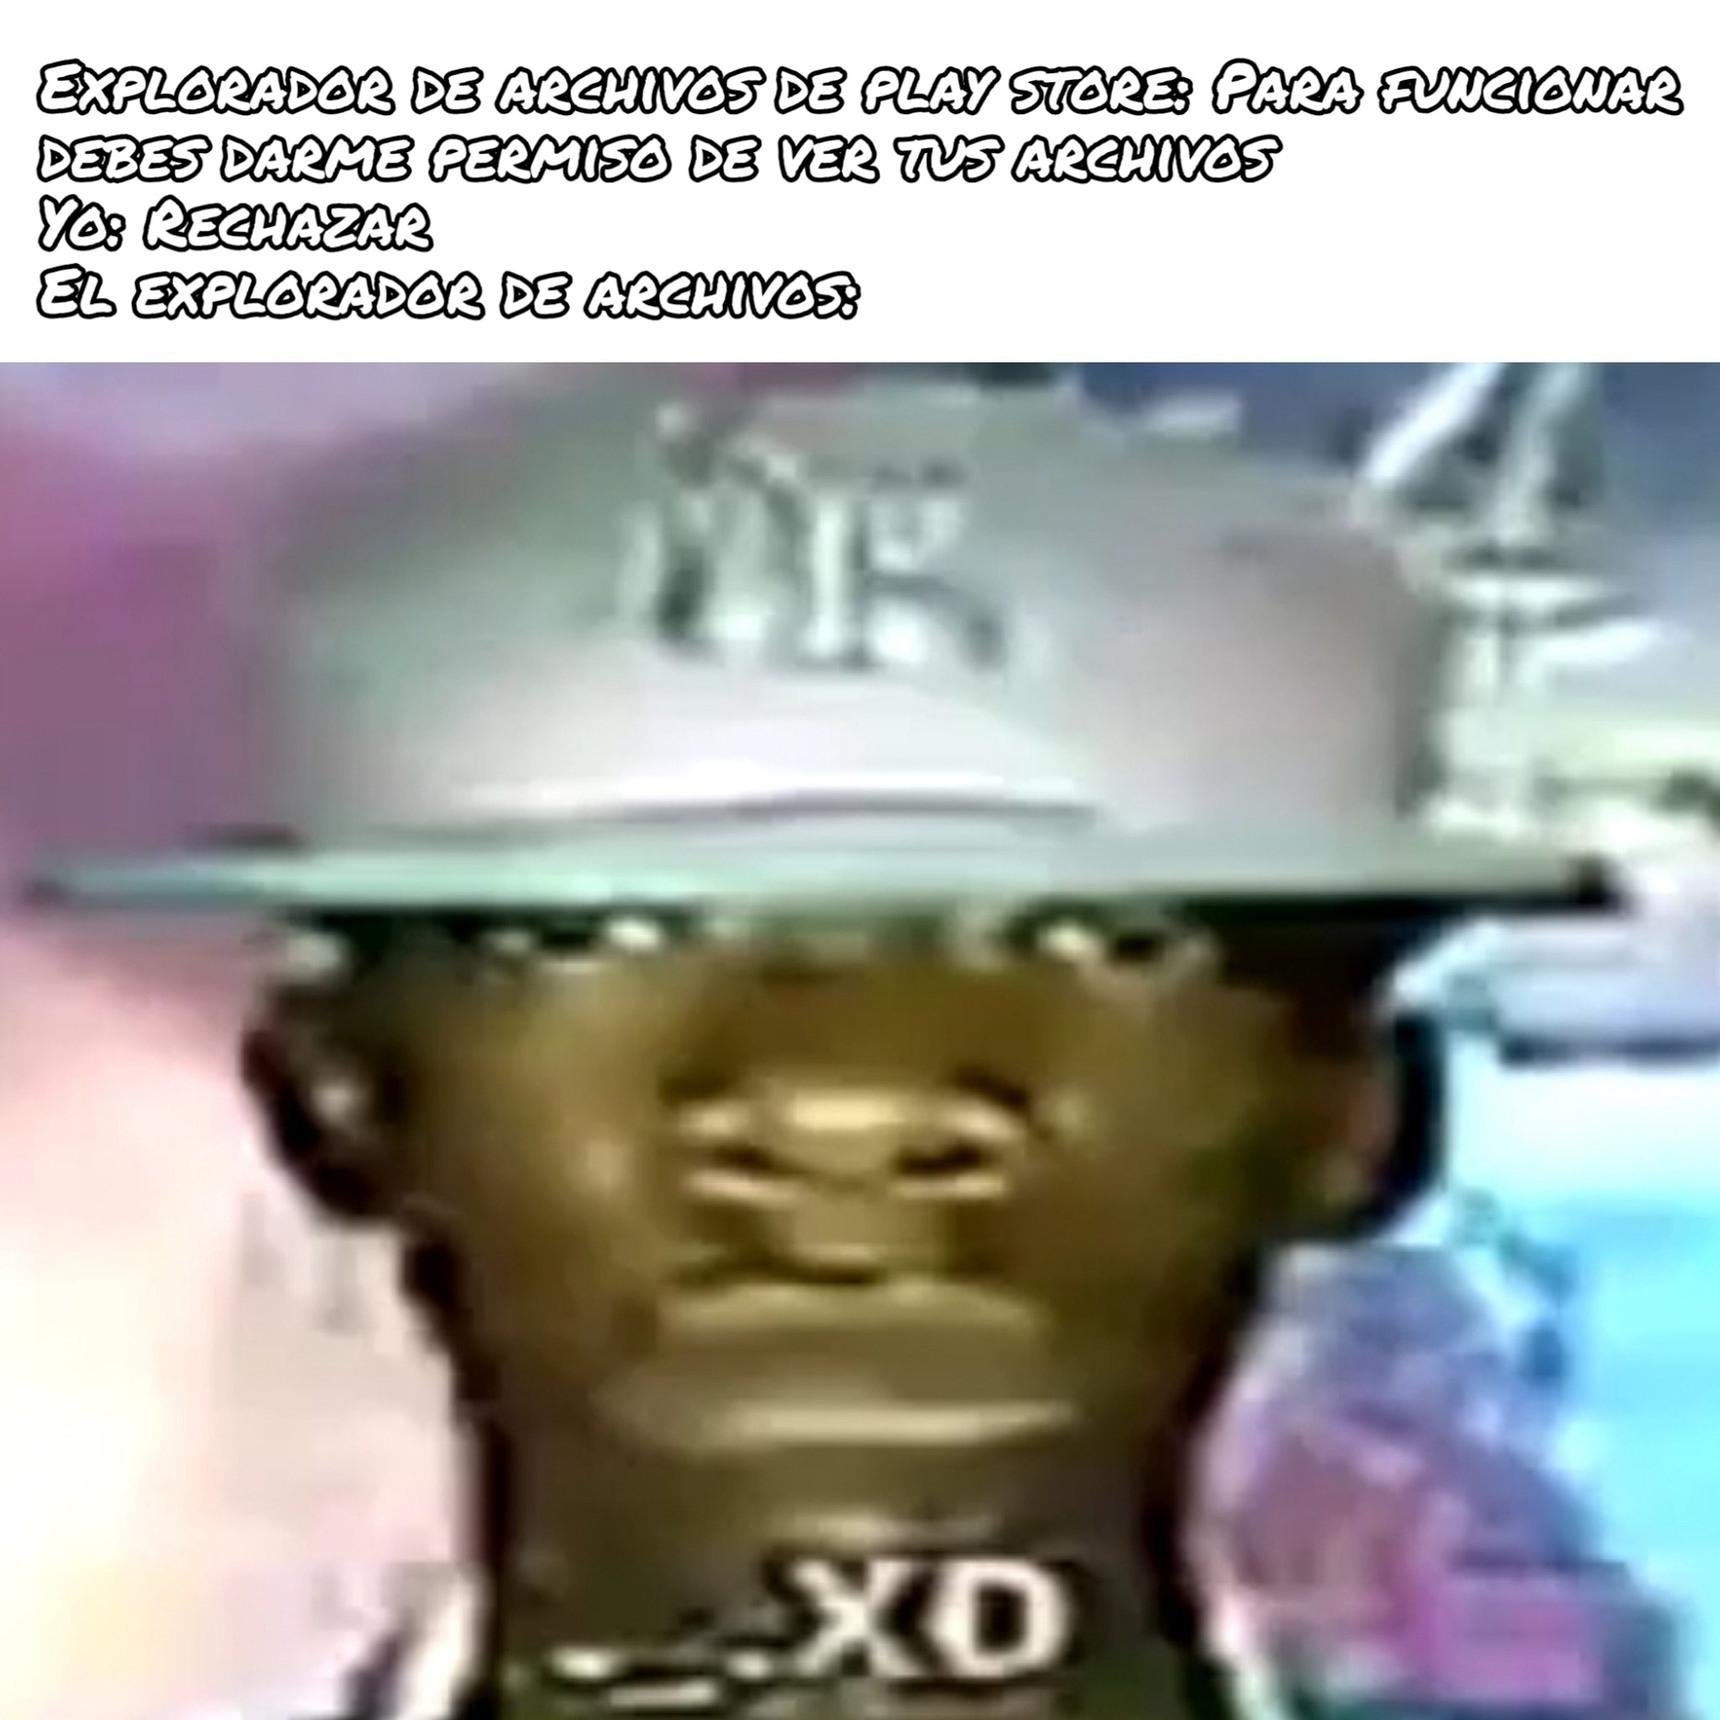 BENJAMIN PAGA EL ARRIENDO WATON CULIAO PD: No encontre otra plantilla perdon :( - meme